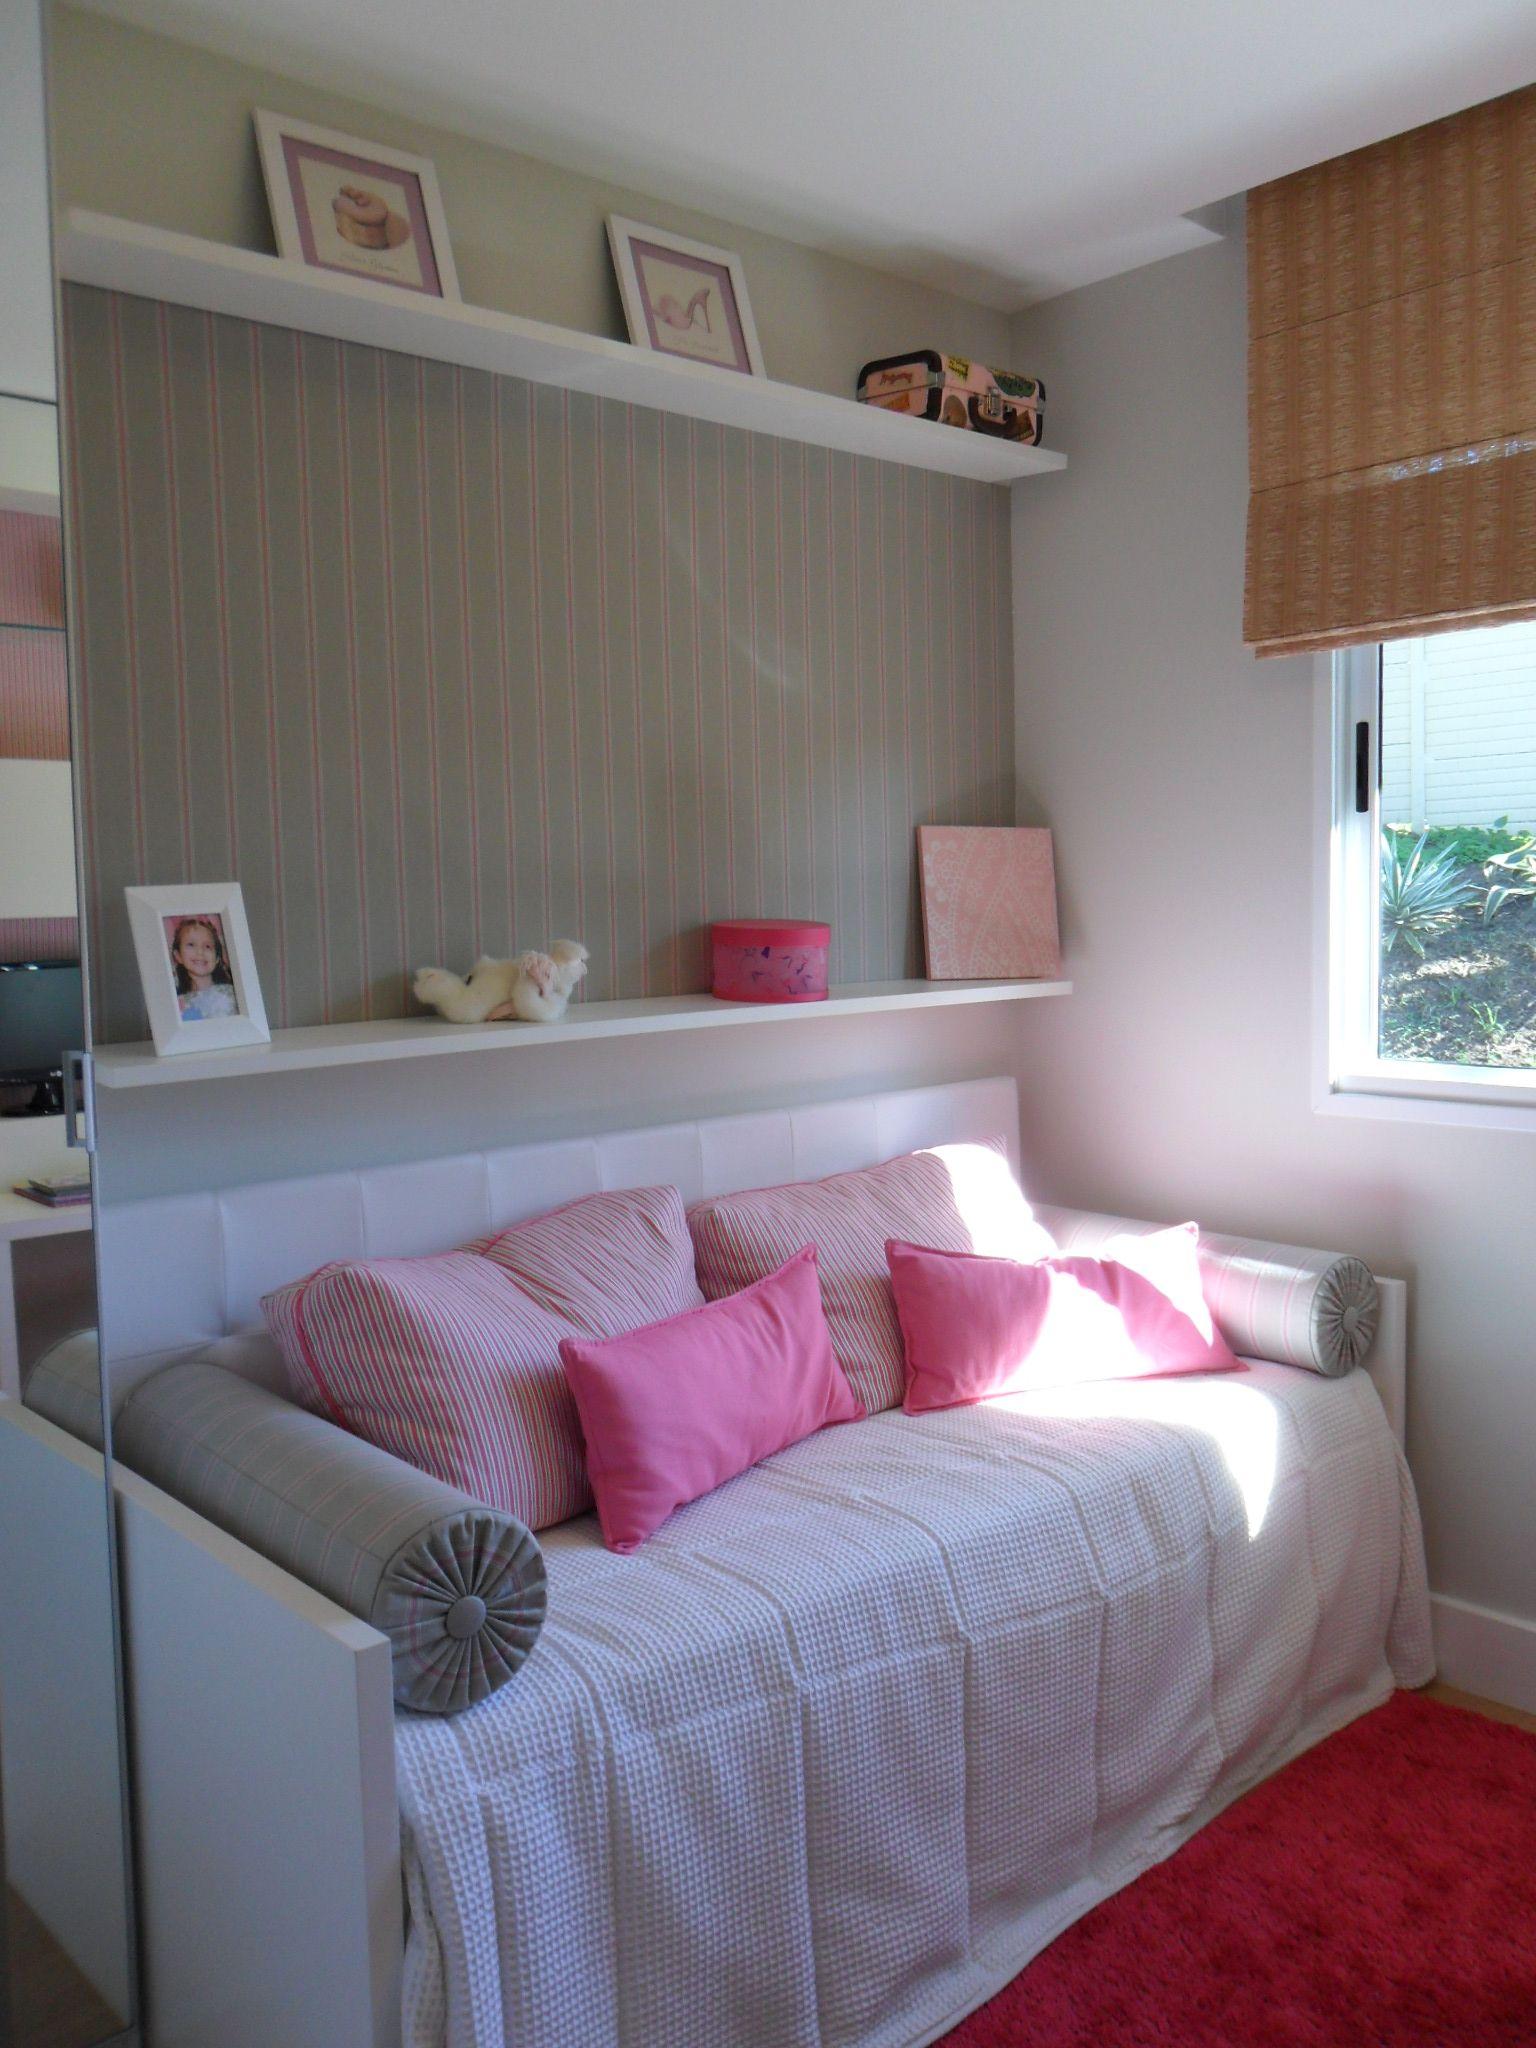 Quarto Menina Empreendimento Otto Clube Residencial #RS / Otto Clube  Residencial Girls Room Part 55